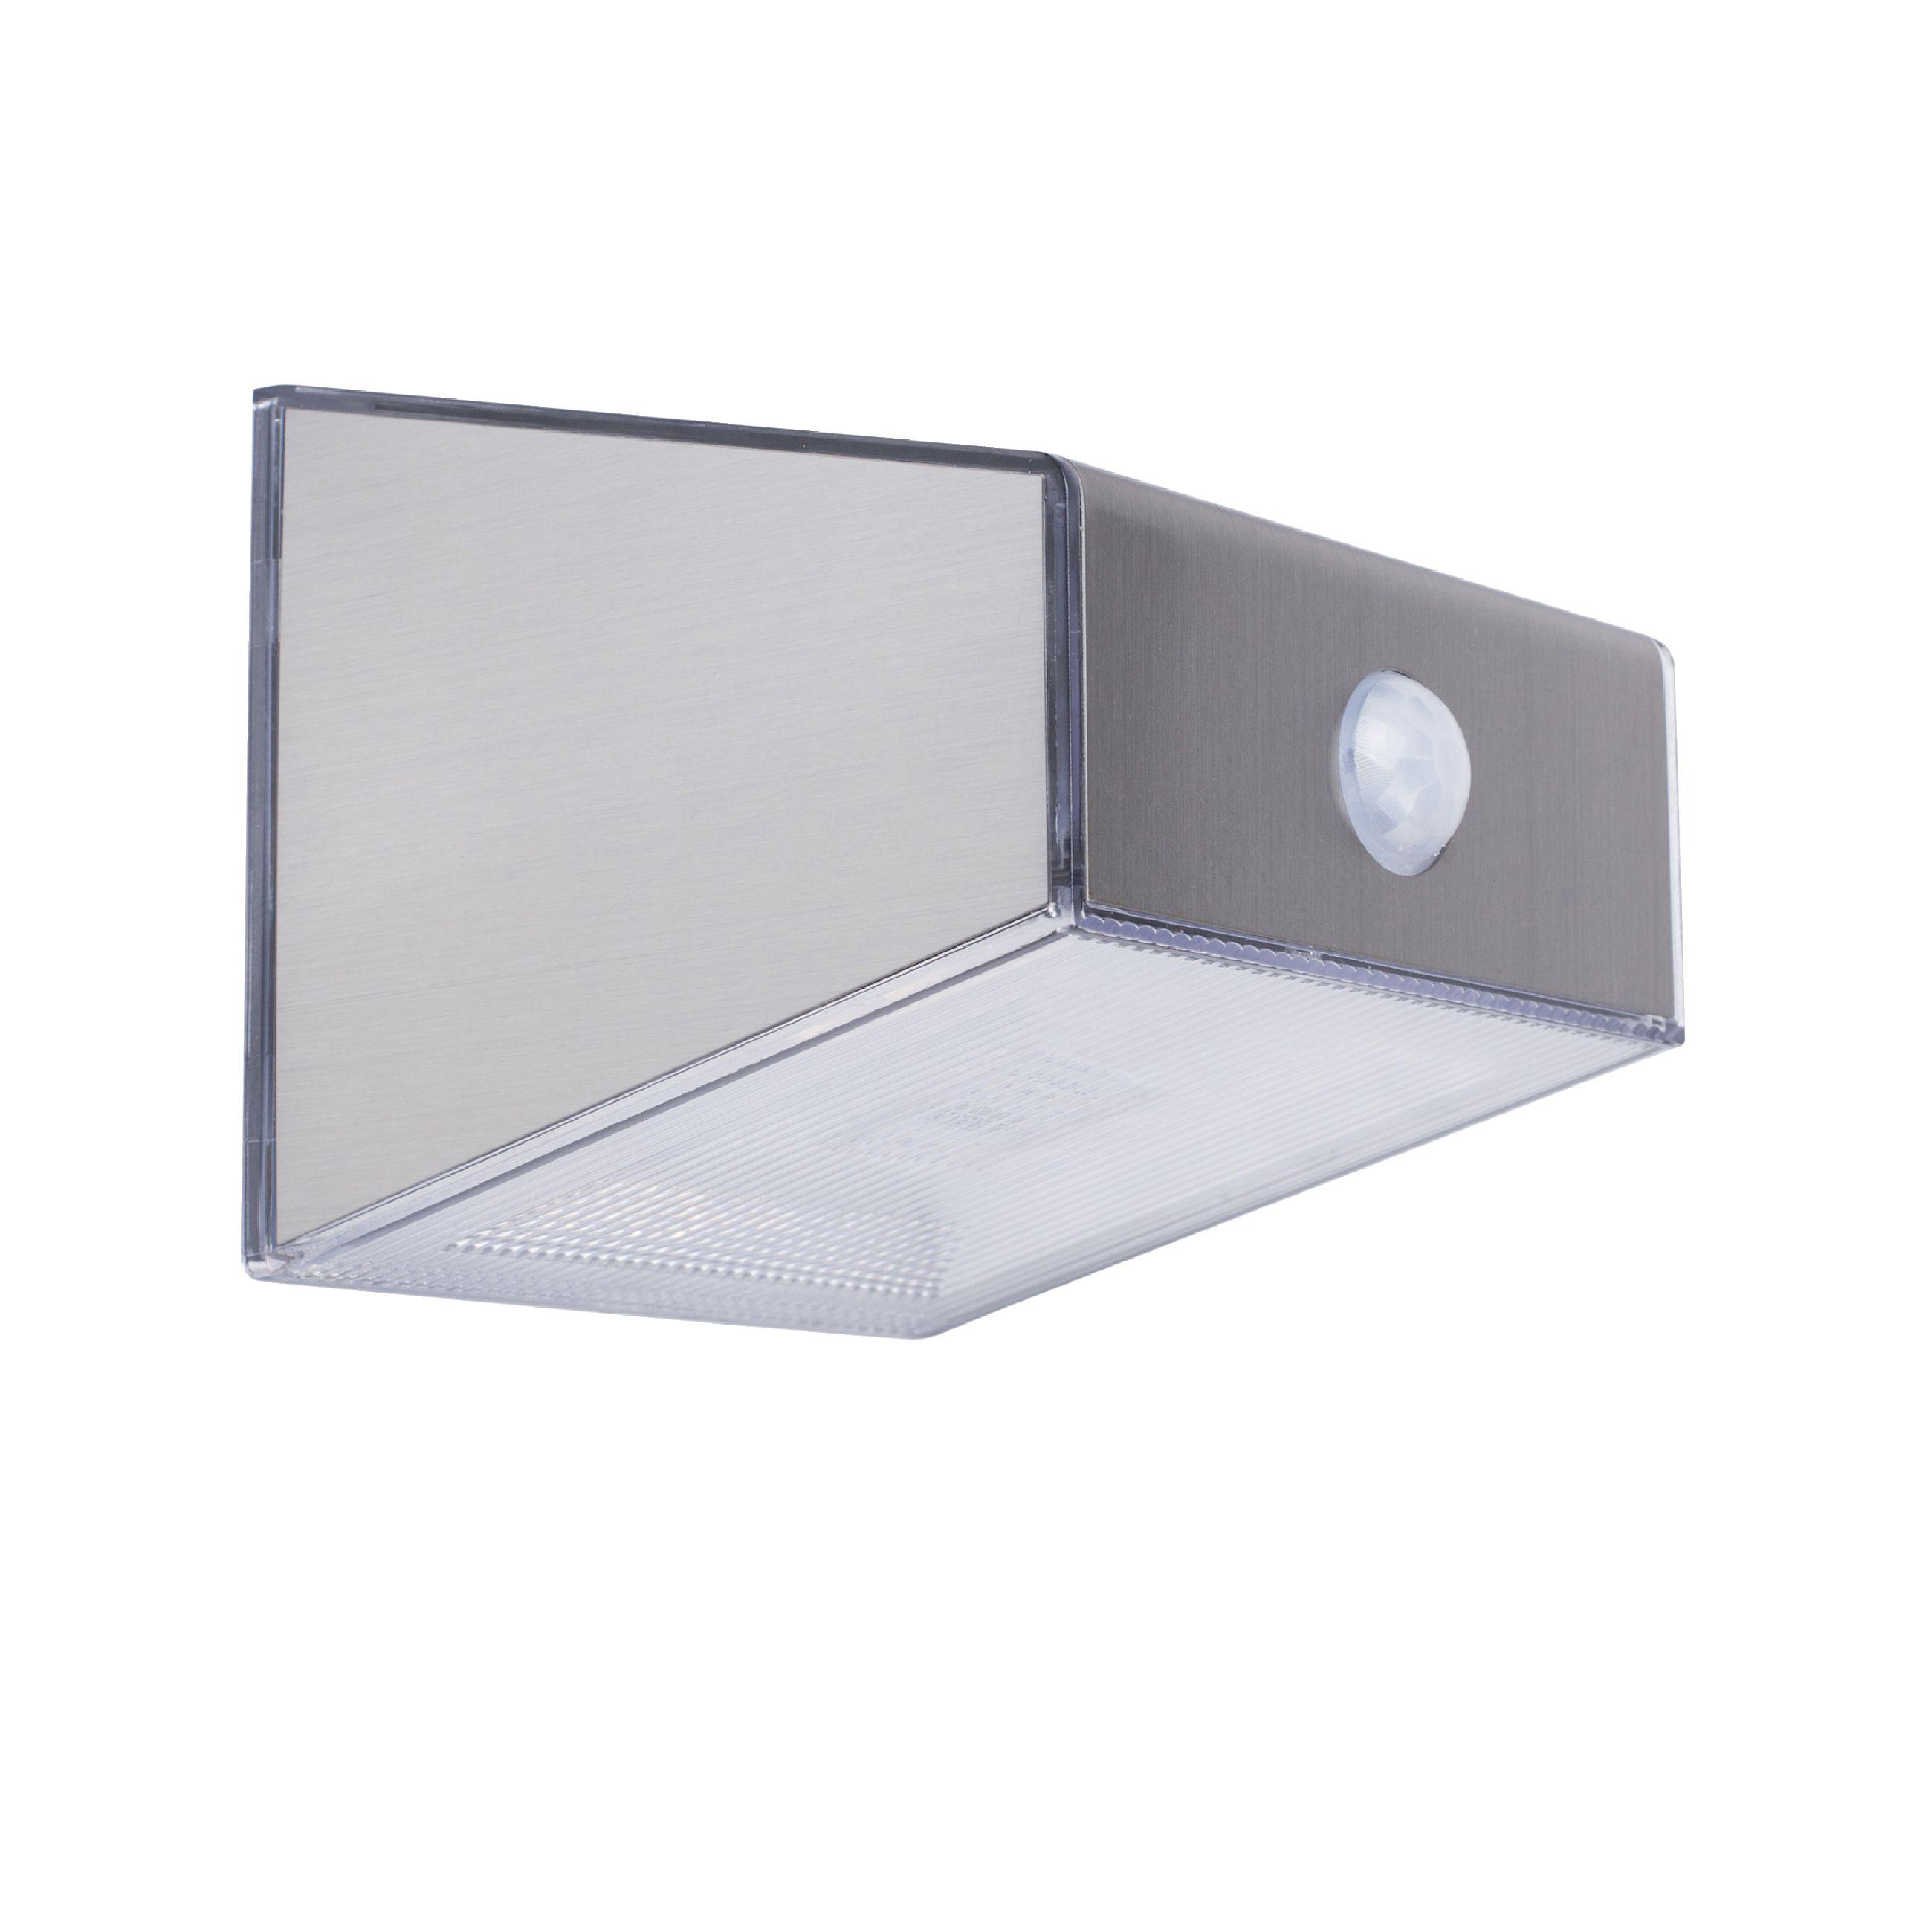 Venkovní solární nástěnné LED svítidlo PIR Ranex 5000.702, RA-1004583